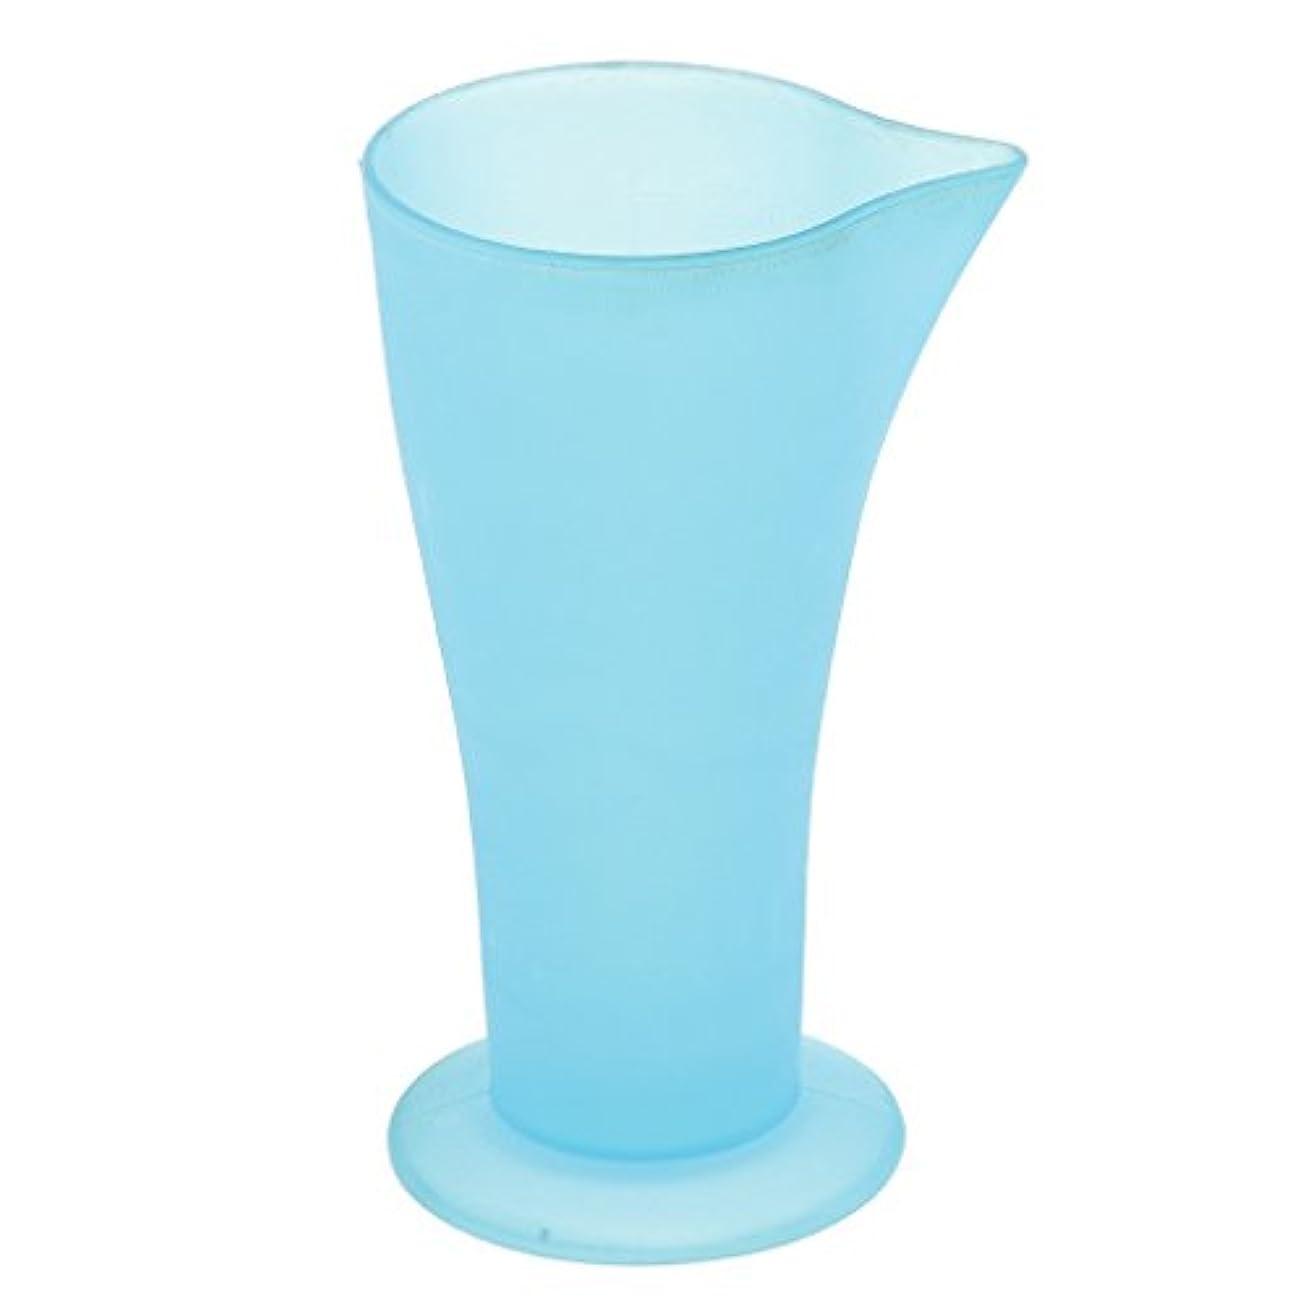 威するジョセフバンクス感性Sharplace ヘアダイ容器 計量カップ 白髪染め ヘアカラ 再使用可能 ブルー